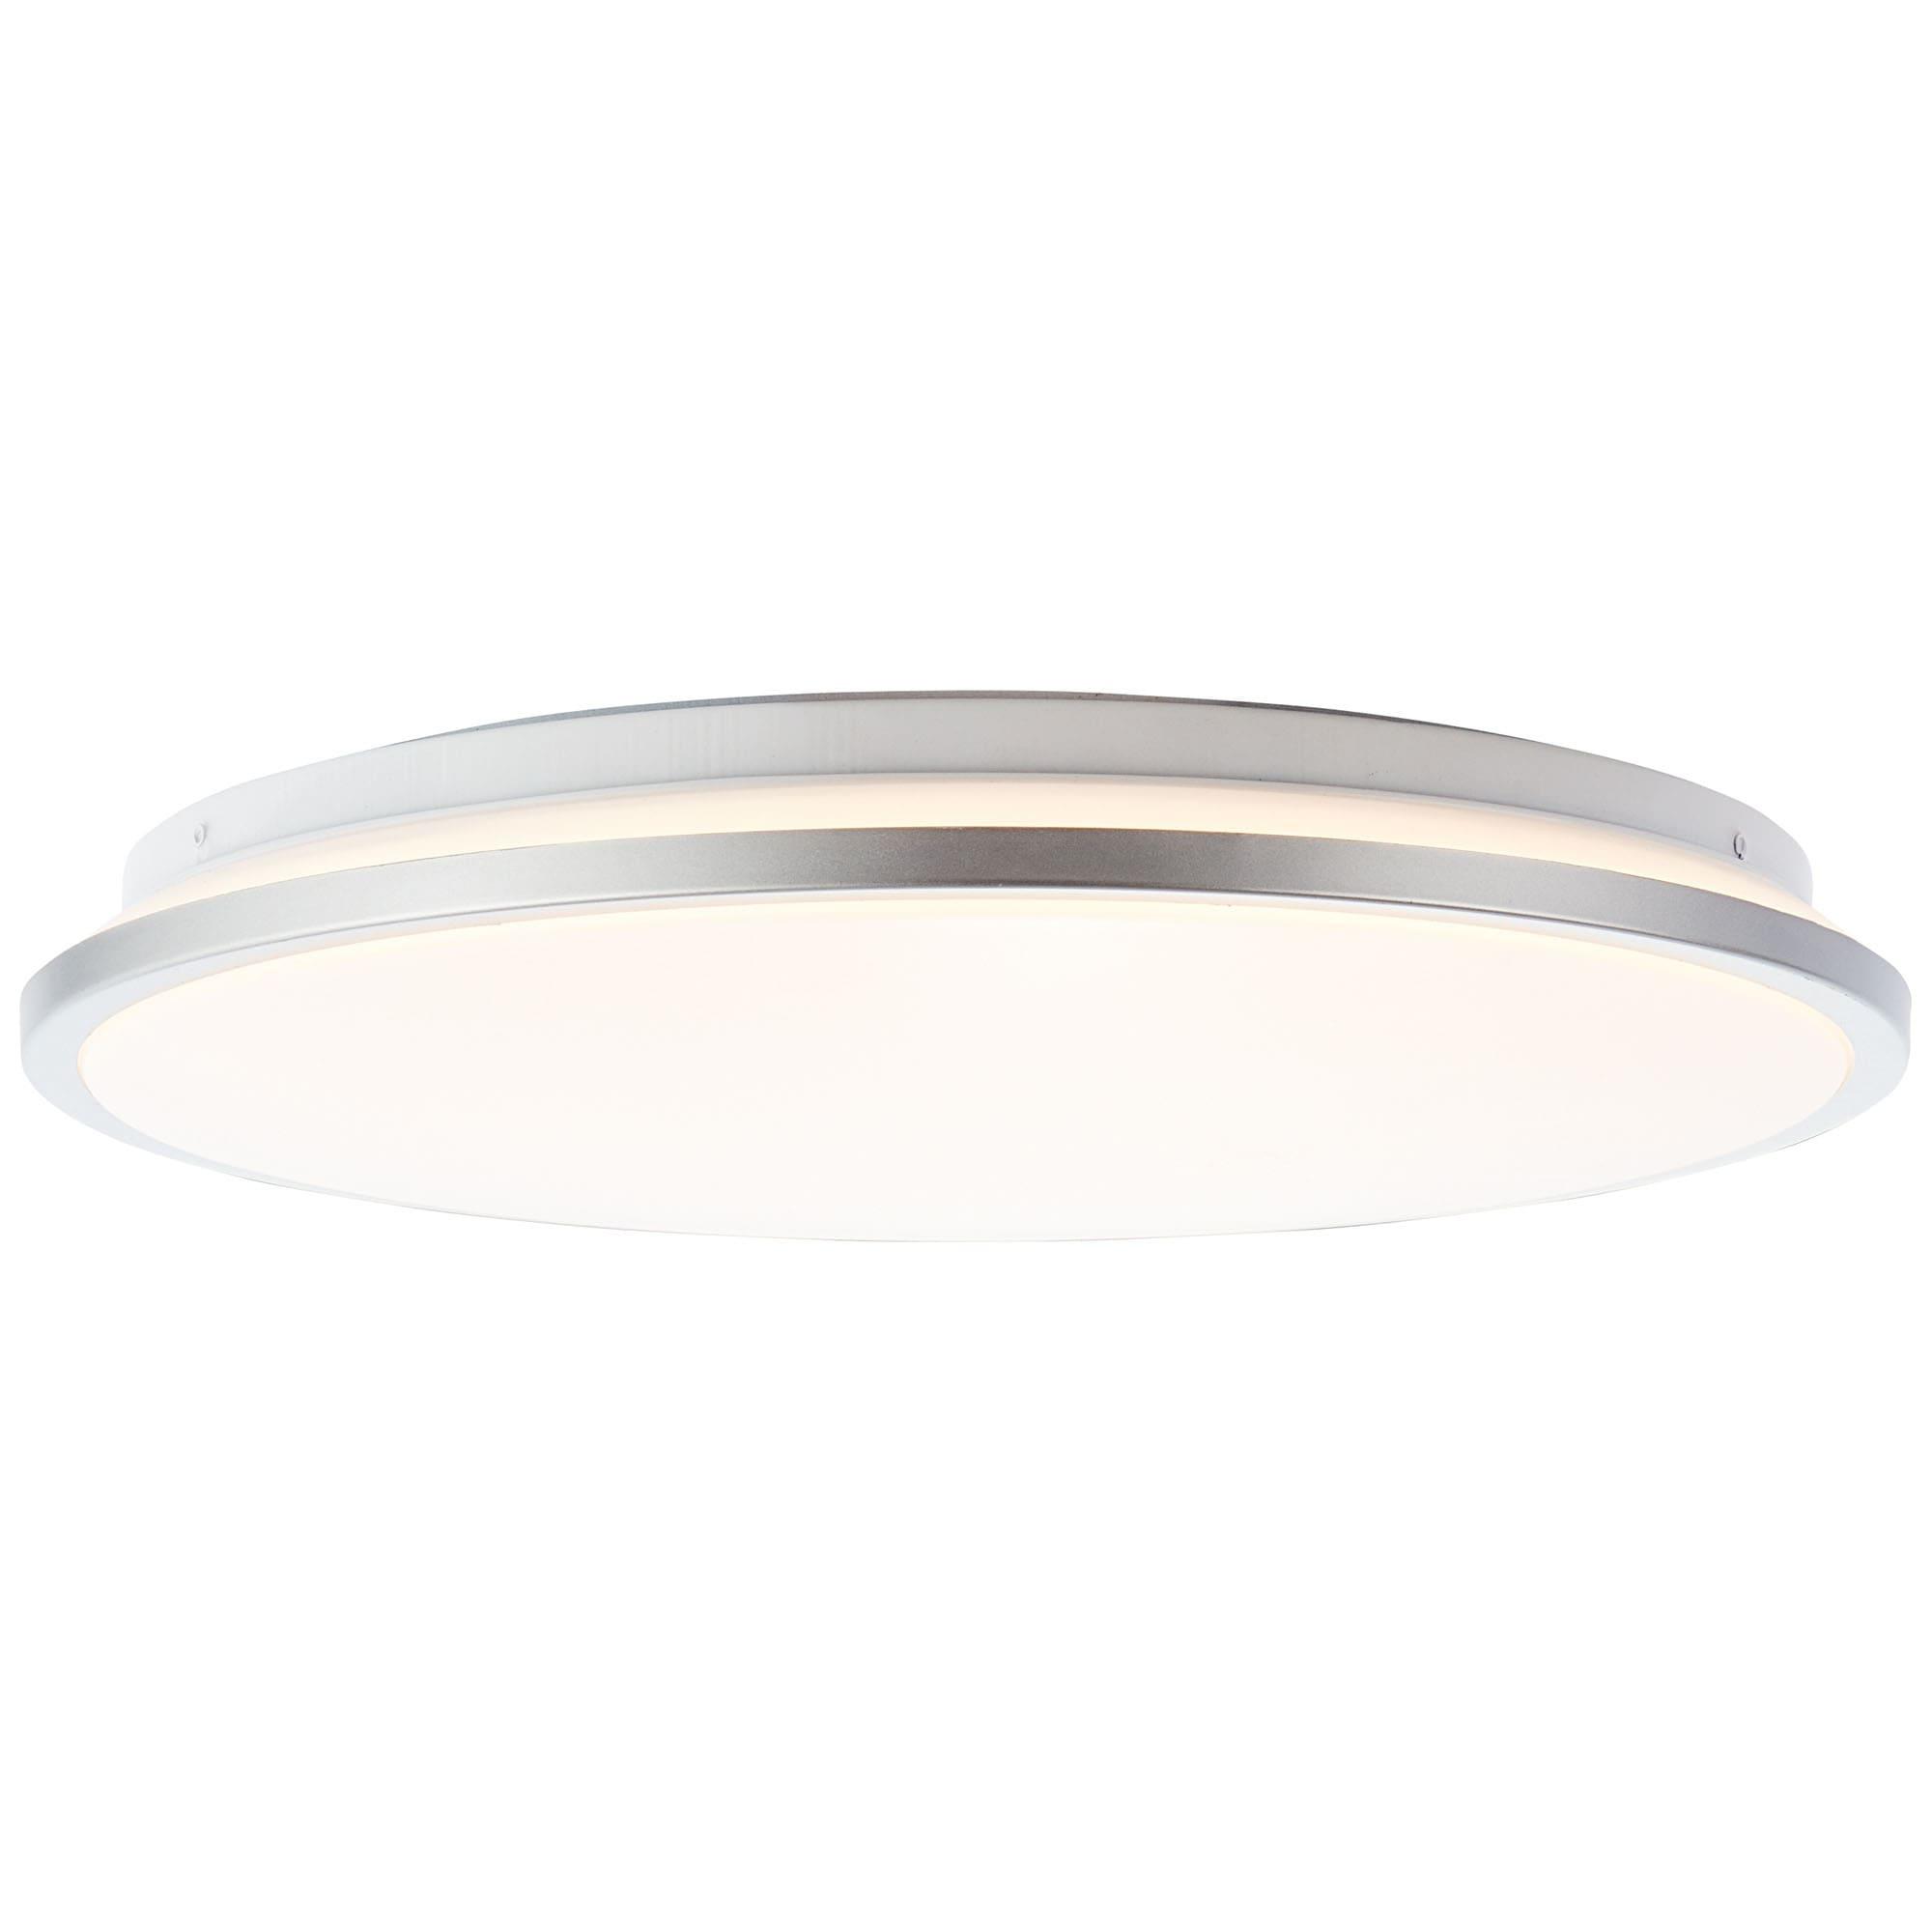 Brilliant Leuchten Jamil LED Wand- und Deckenleuchte 39cm weiß/silber